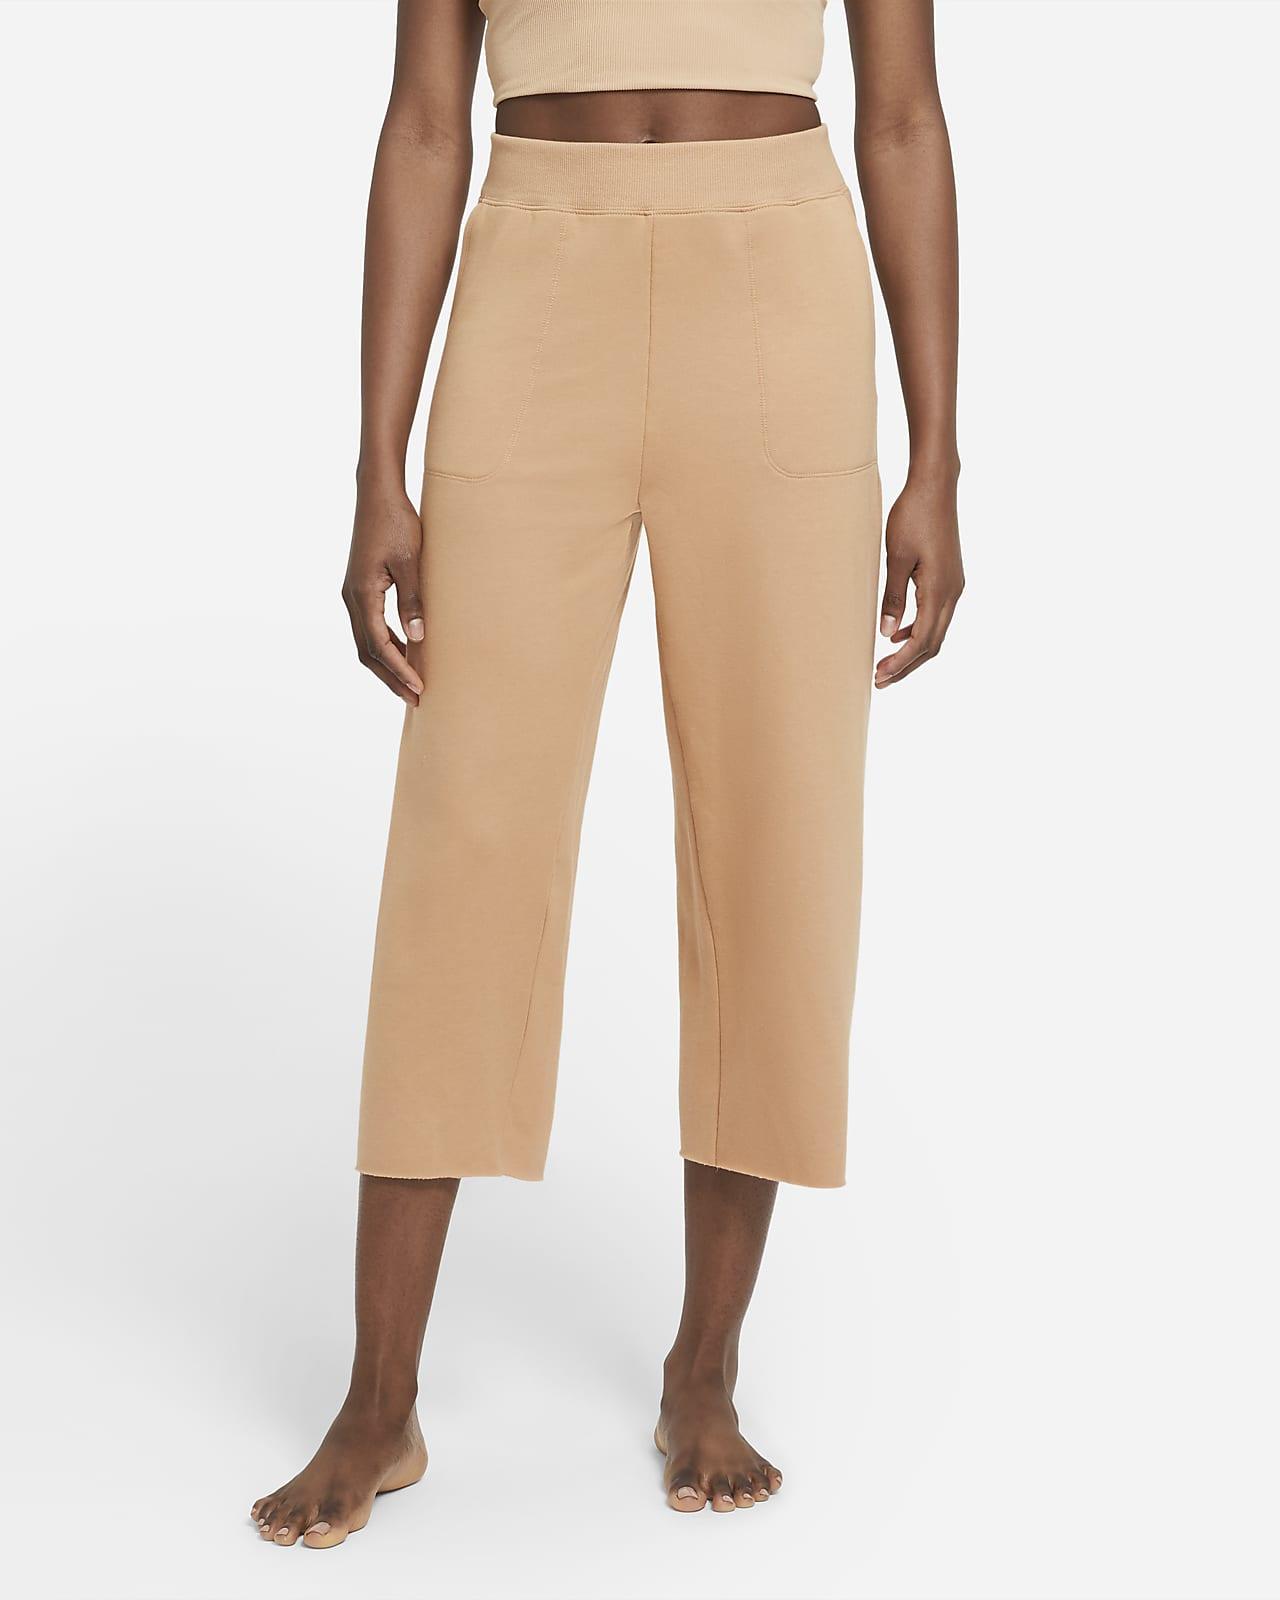 Nike Yoga Luxe Women's Cropped Fleece Pants